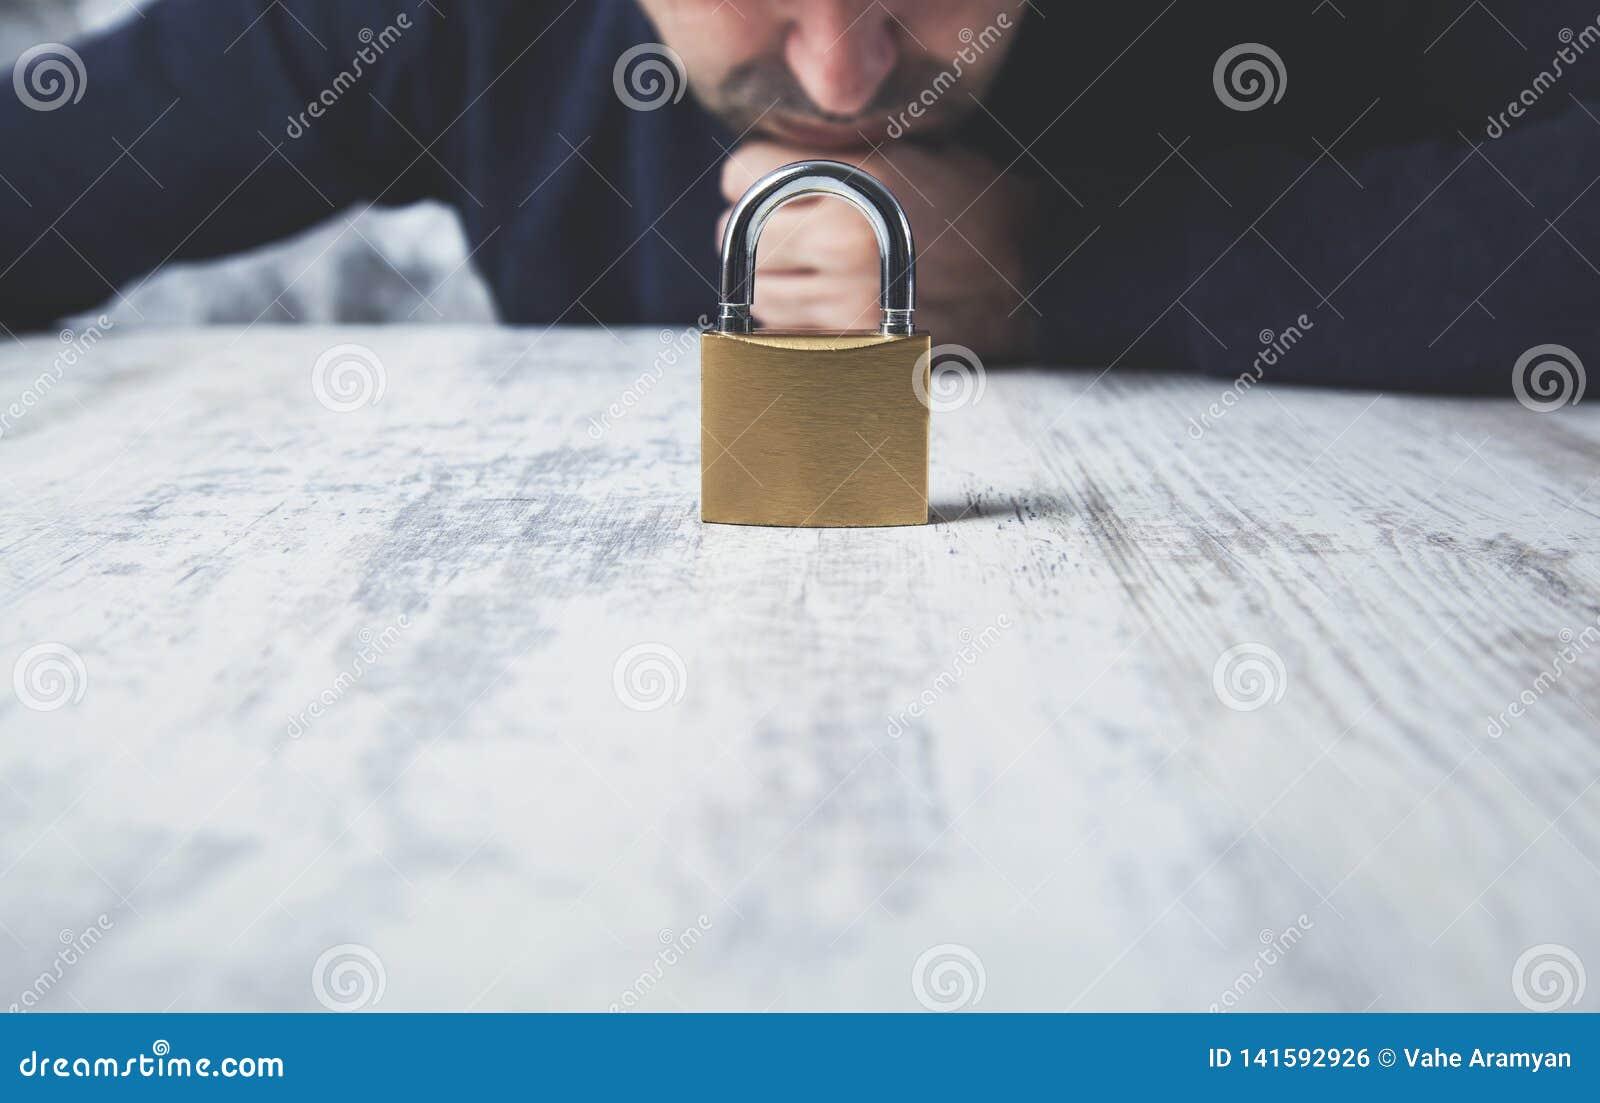 Cerradura de la mano del hombre en la tabla